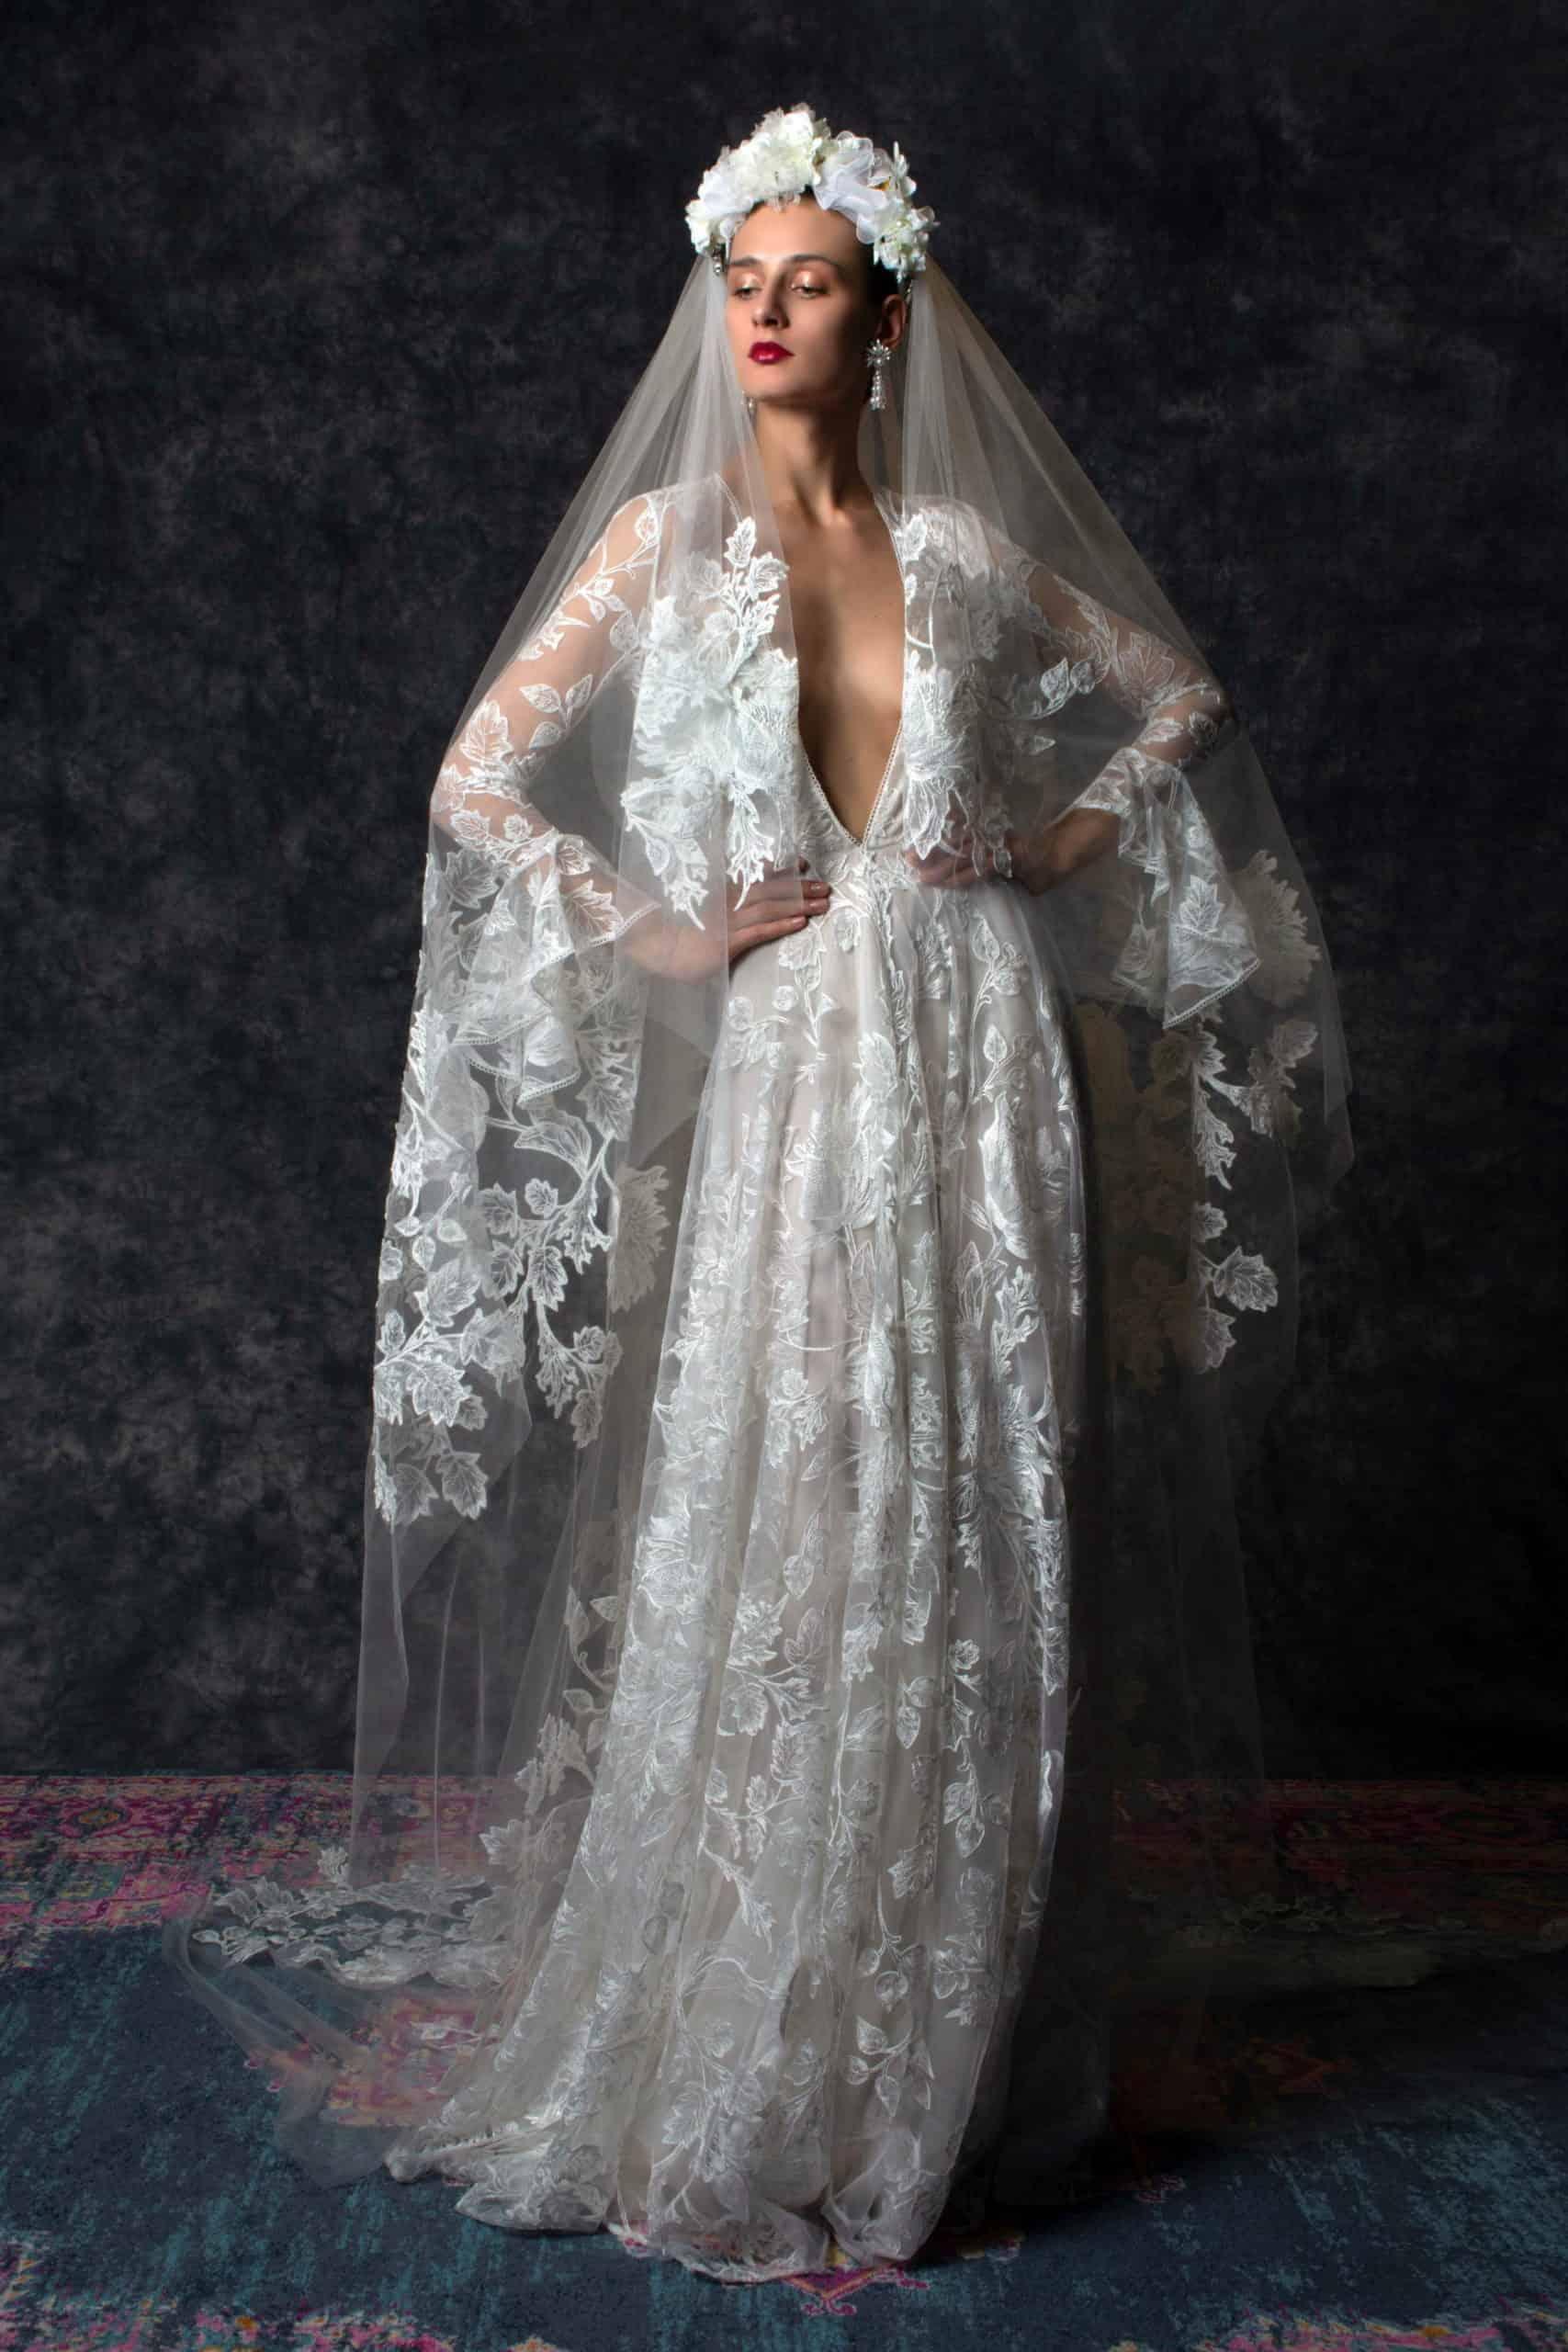 δαντελένιο νυφικό φόρεμα με βέλος και στεφάνι από λουλούδια από